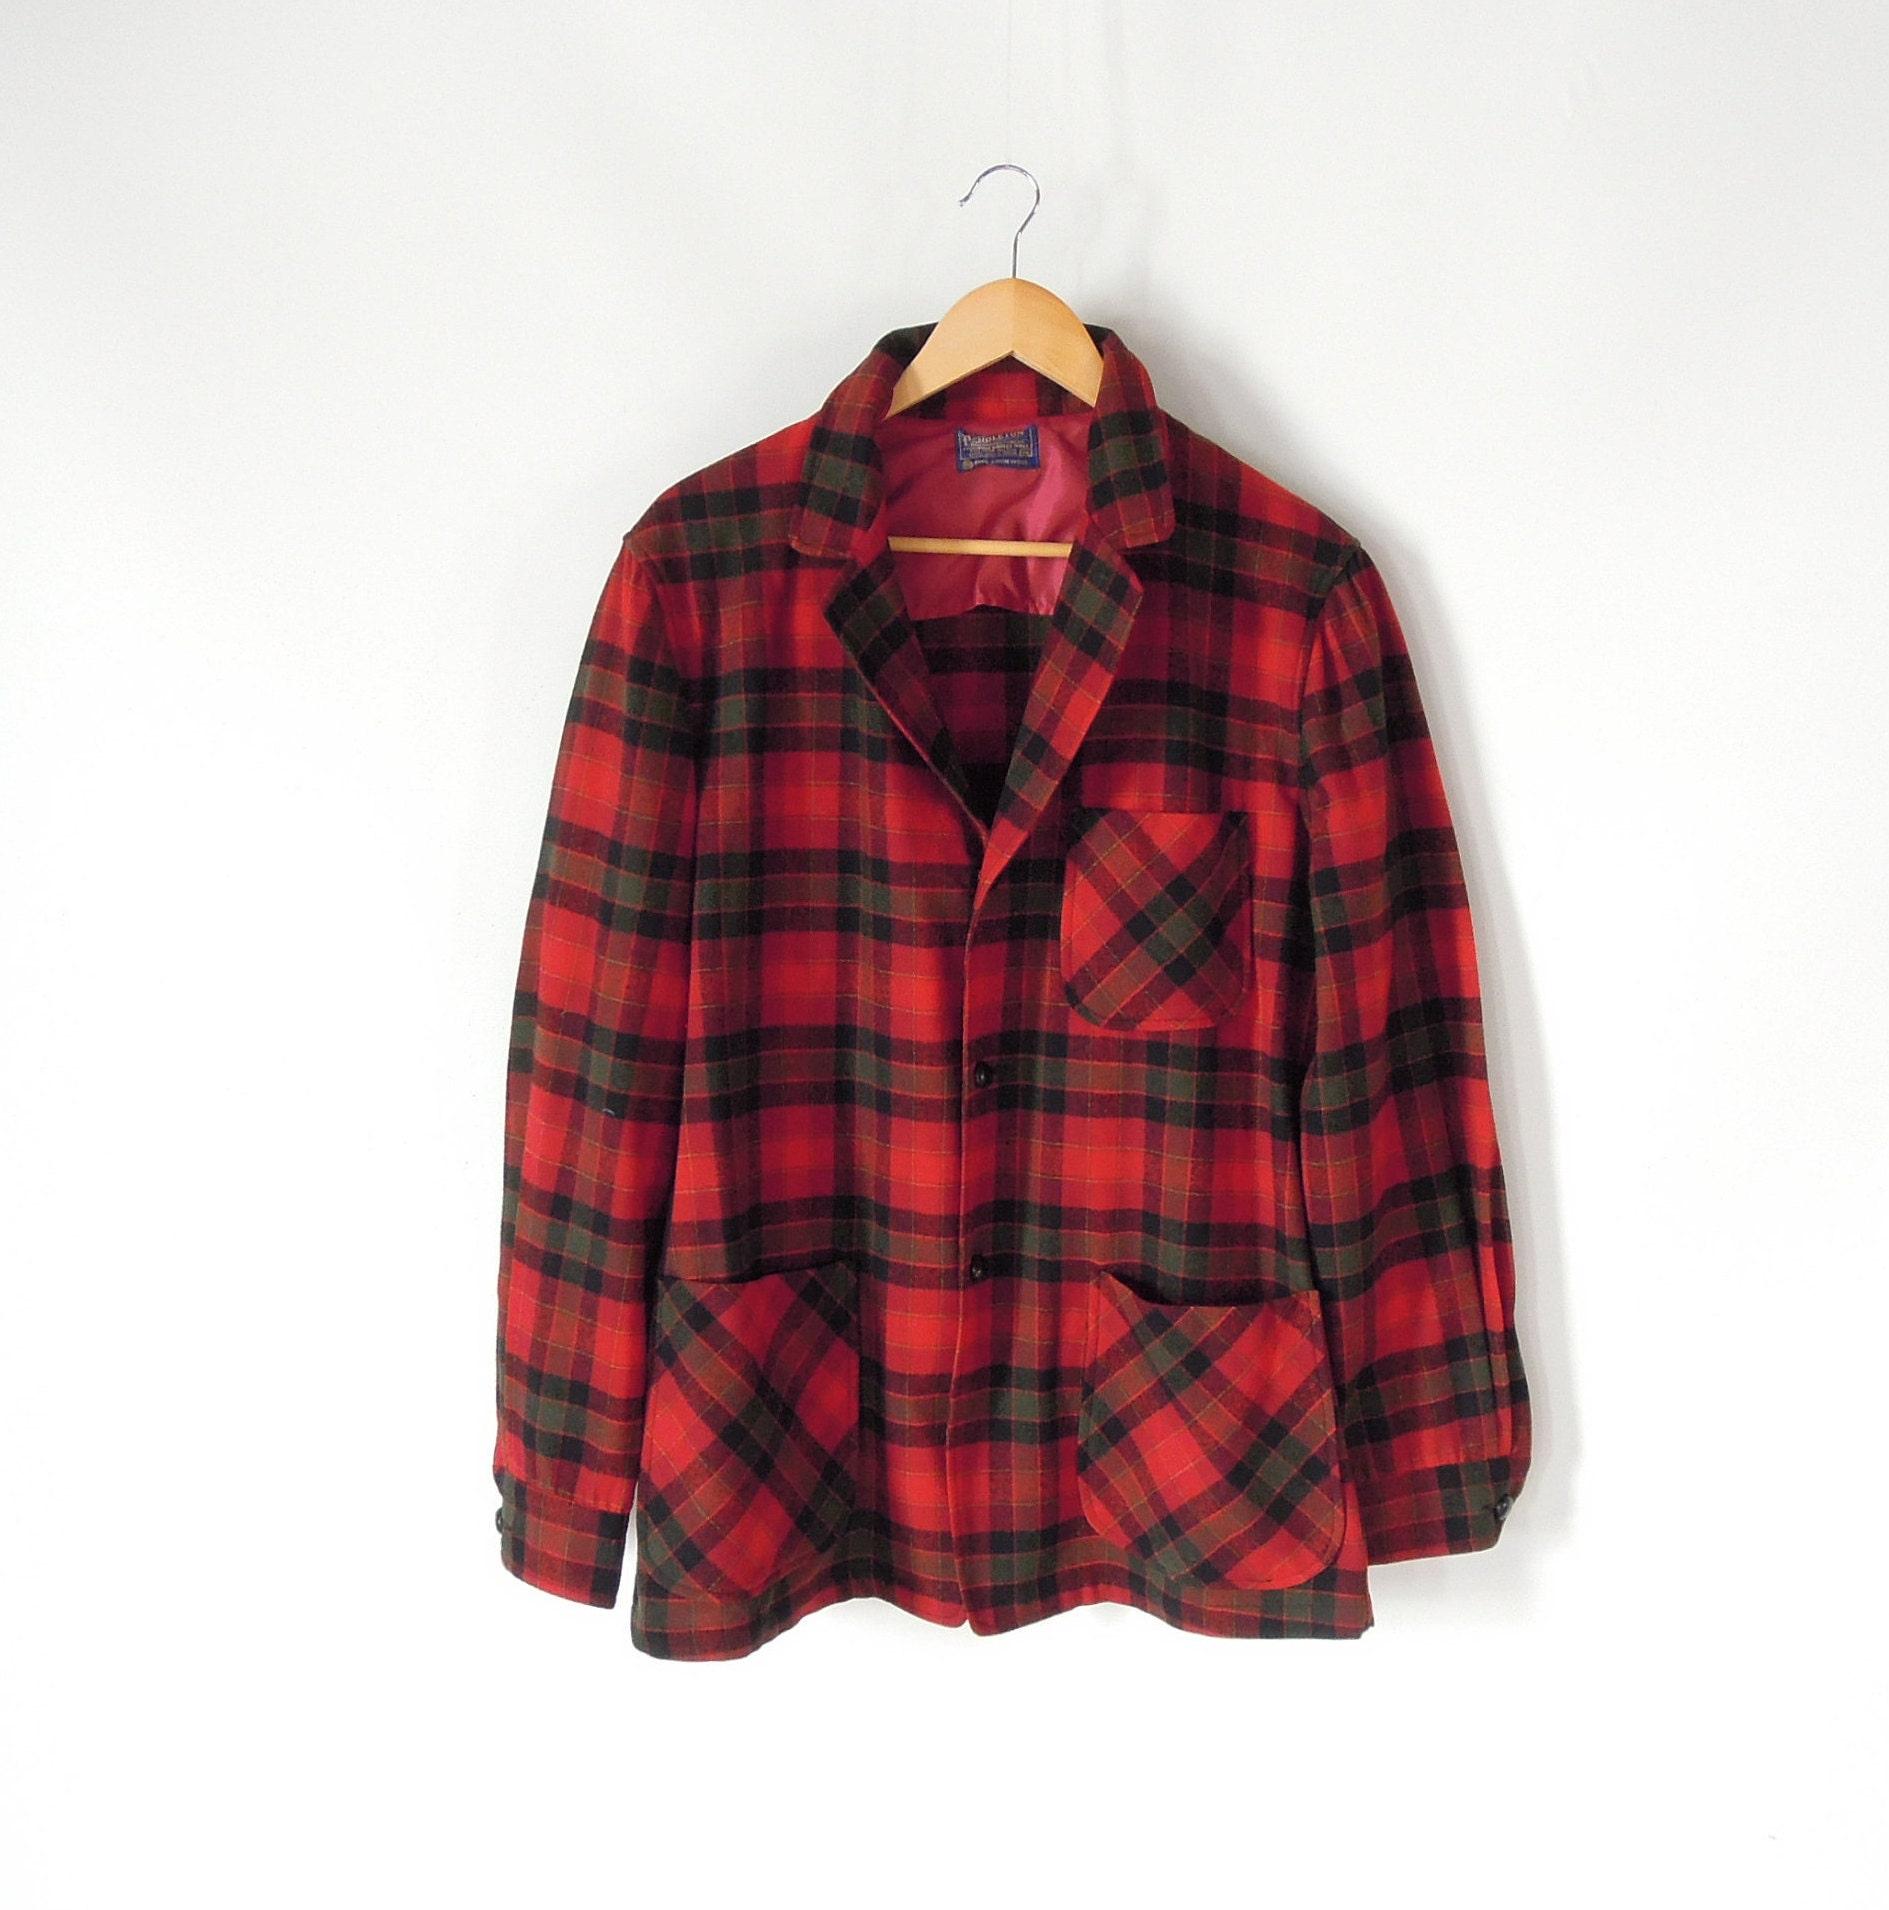 1960s – 70s Men's Ties | Skinny Ties, Slim Ties Pendleton Mens Blazer Vintage 1960s Red Plaid Virgin Wool Faux Leather Buttons Medium Sportscoat $26.00 AT vintagedancer.com